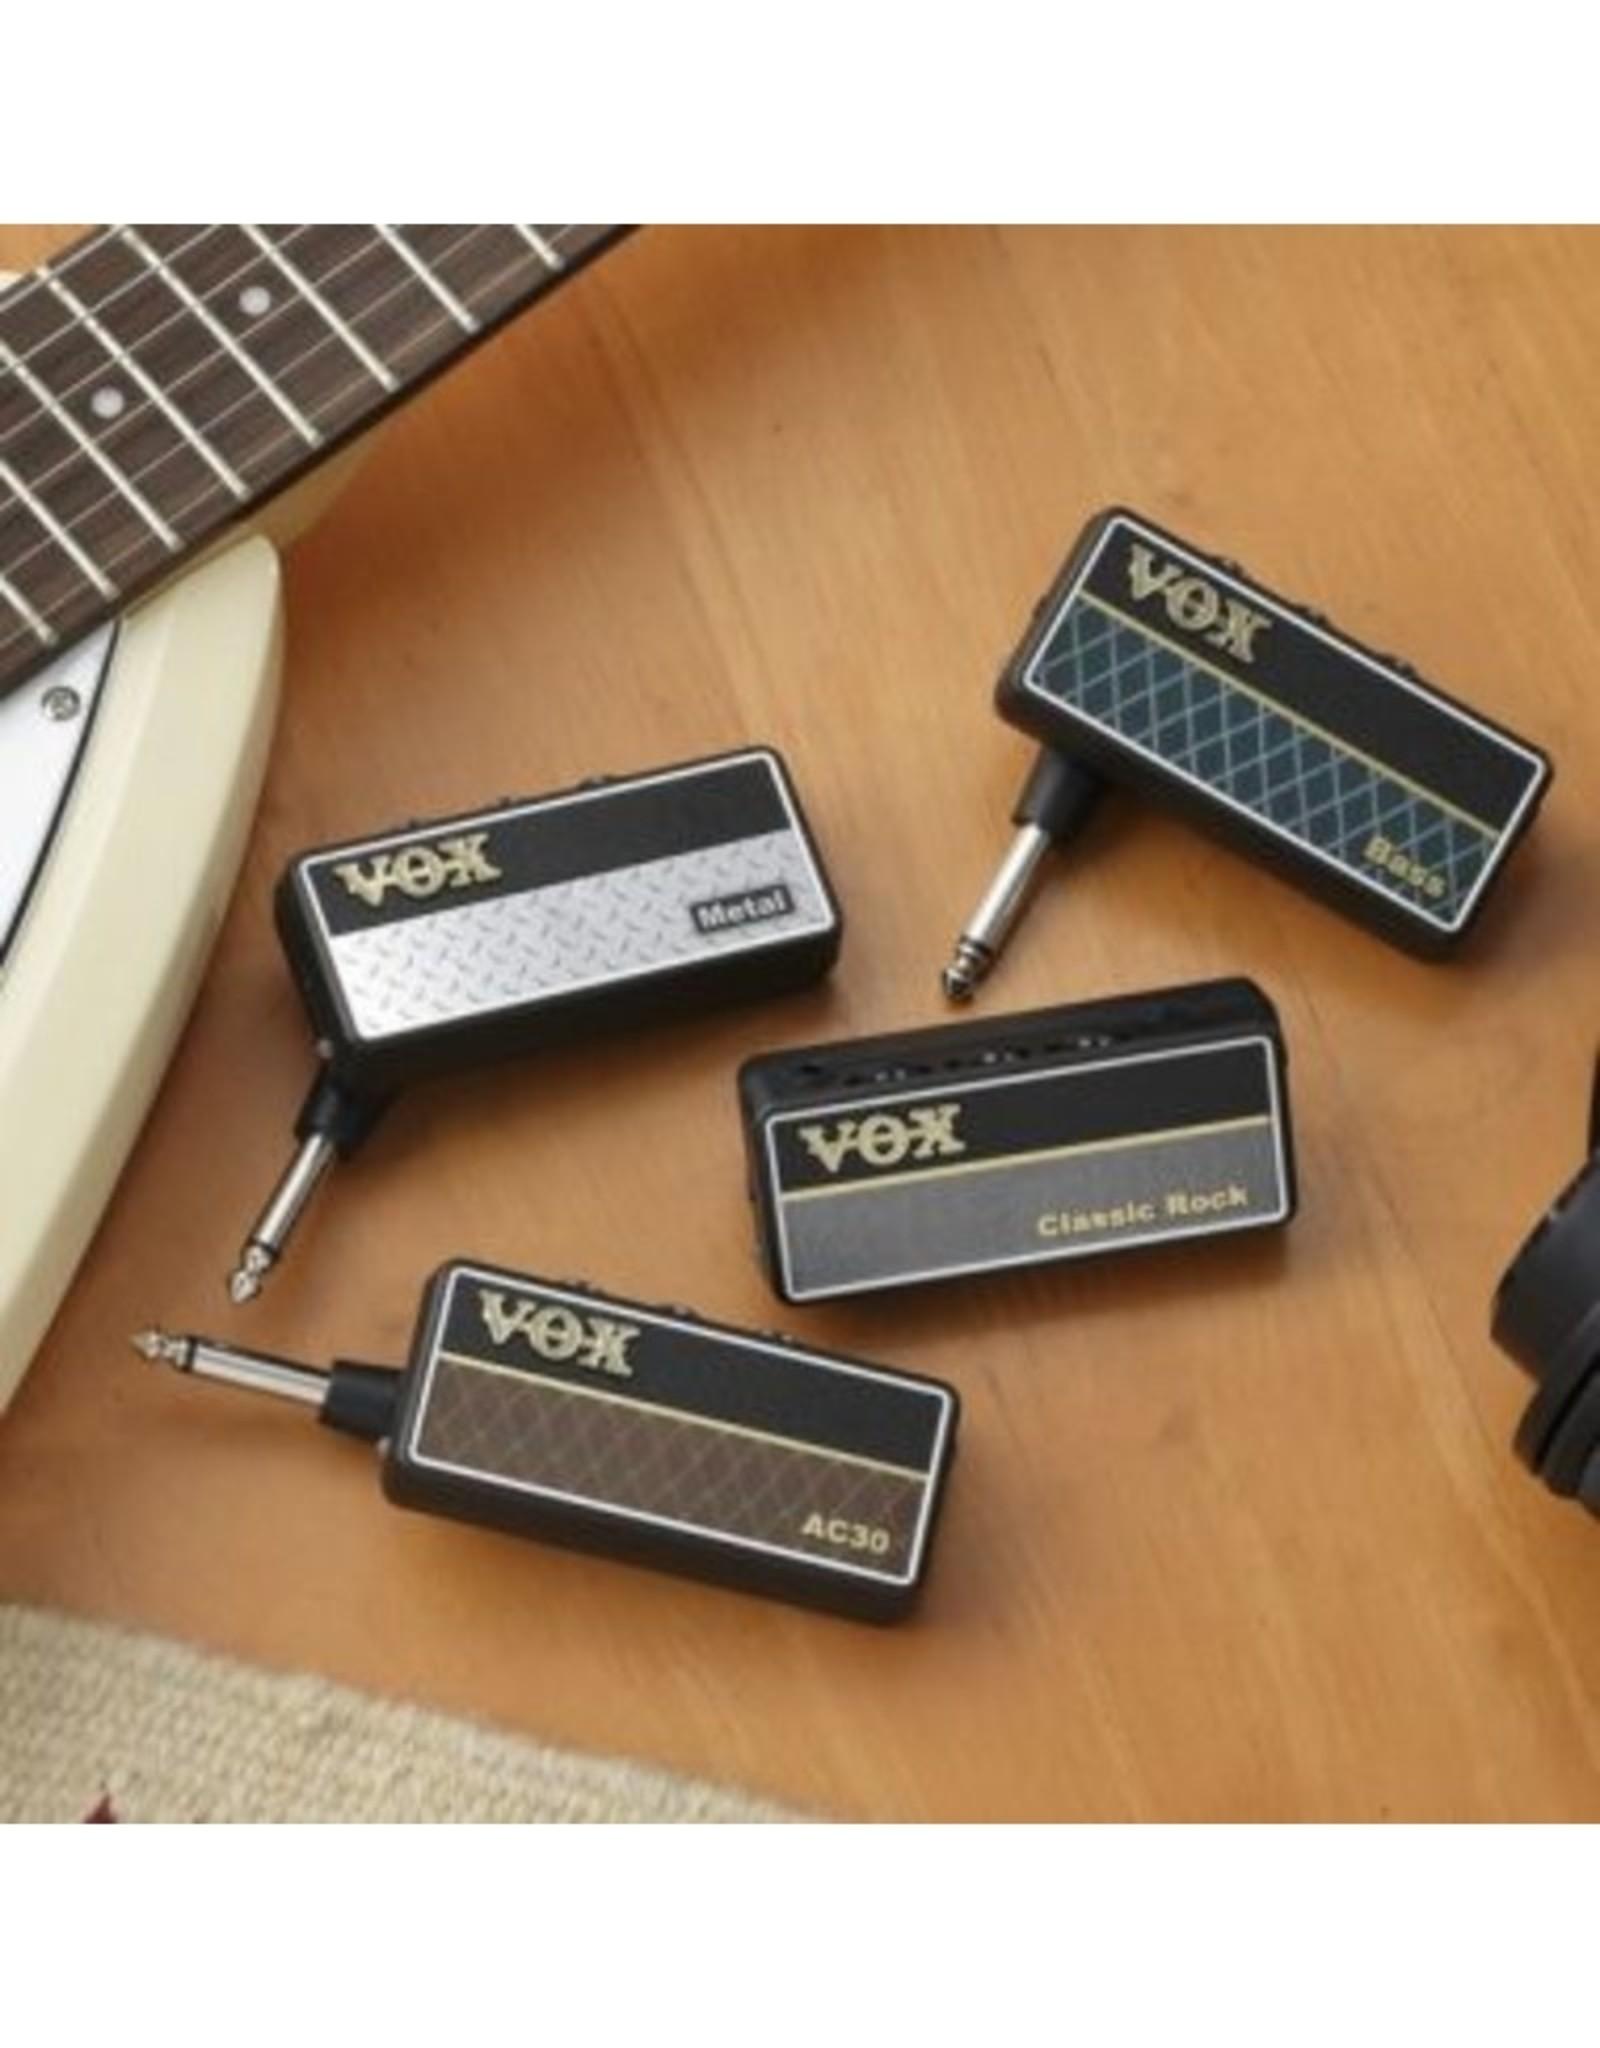 Vox Vox Amplug 2 Lead